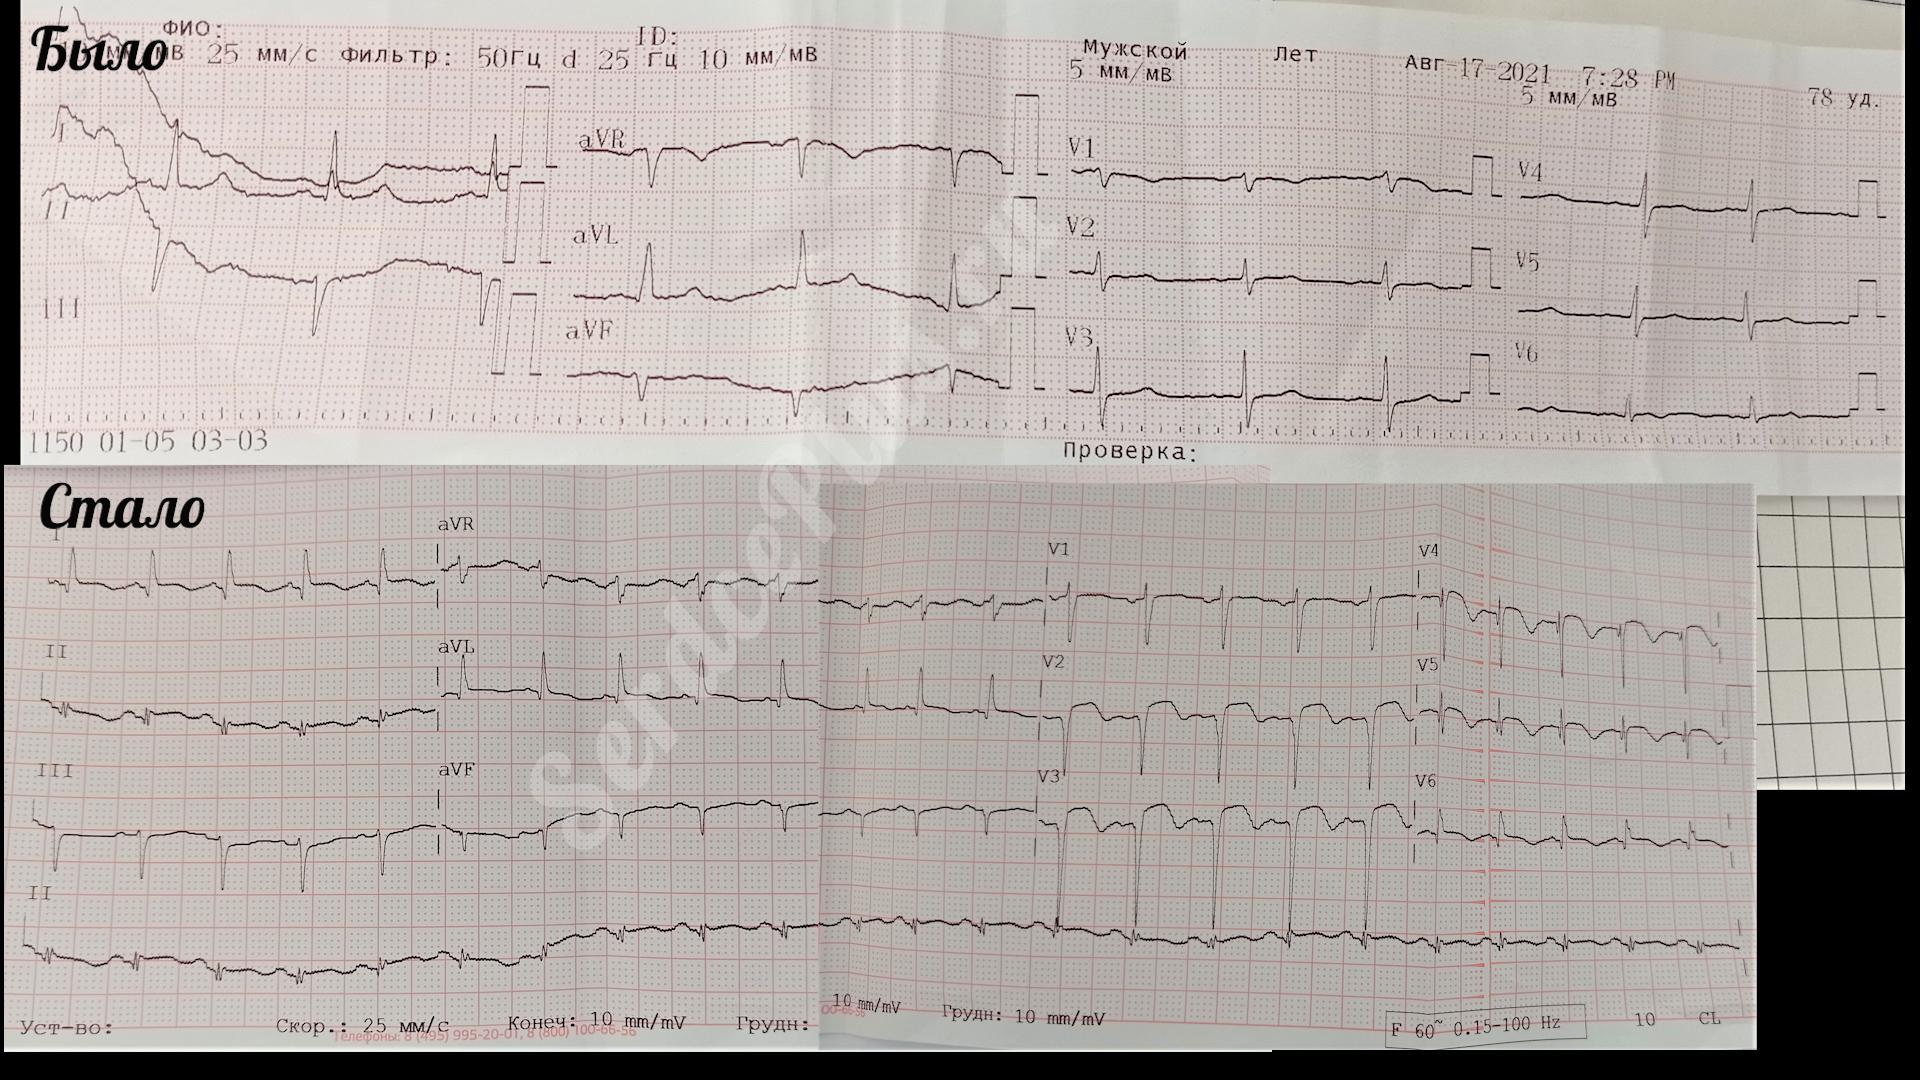 Инфаркт миокарда на эхокардиографии